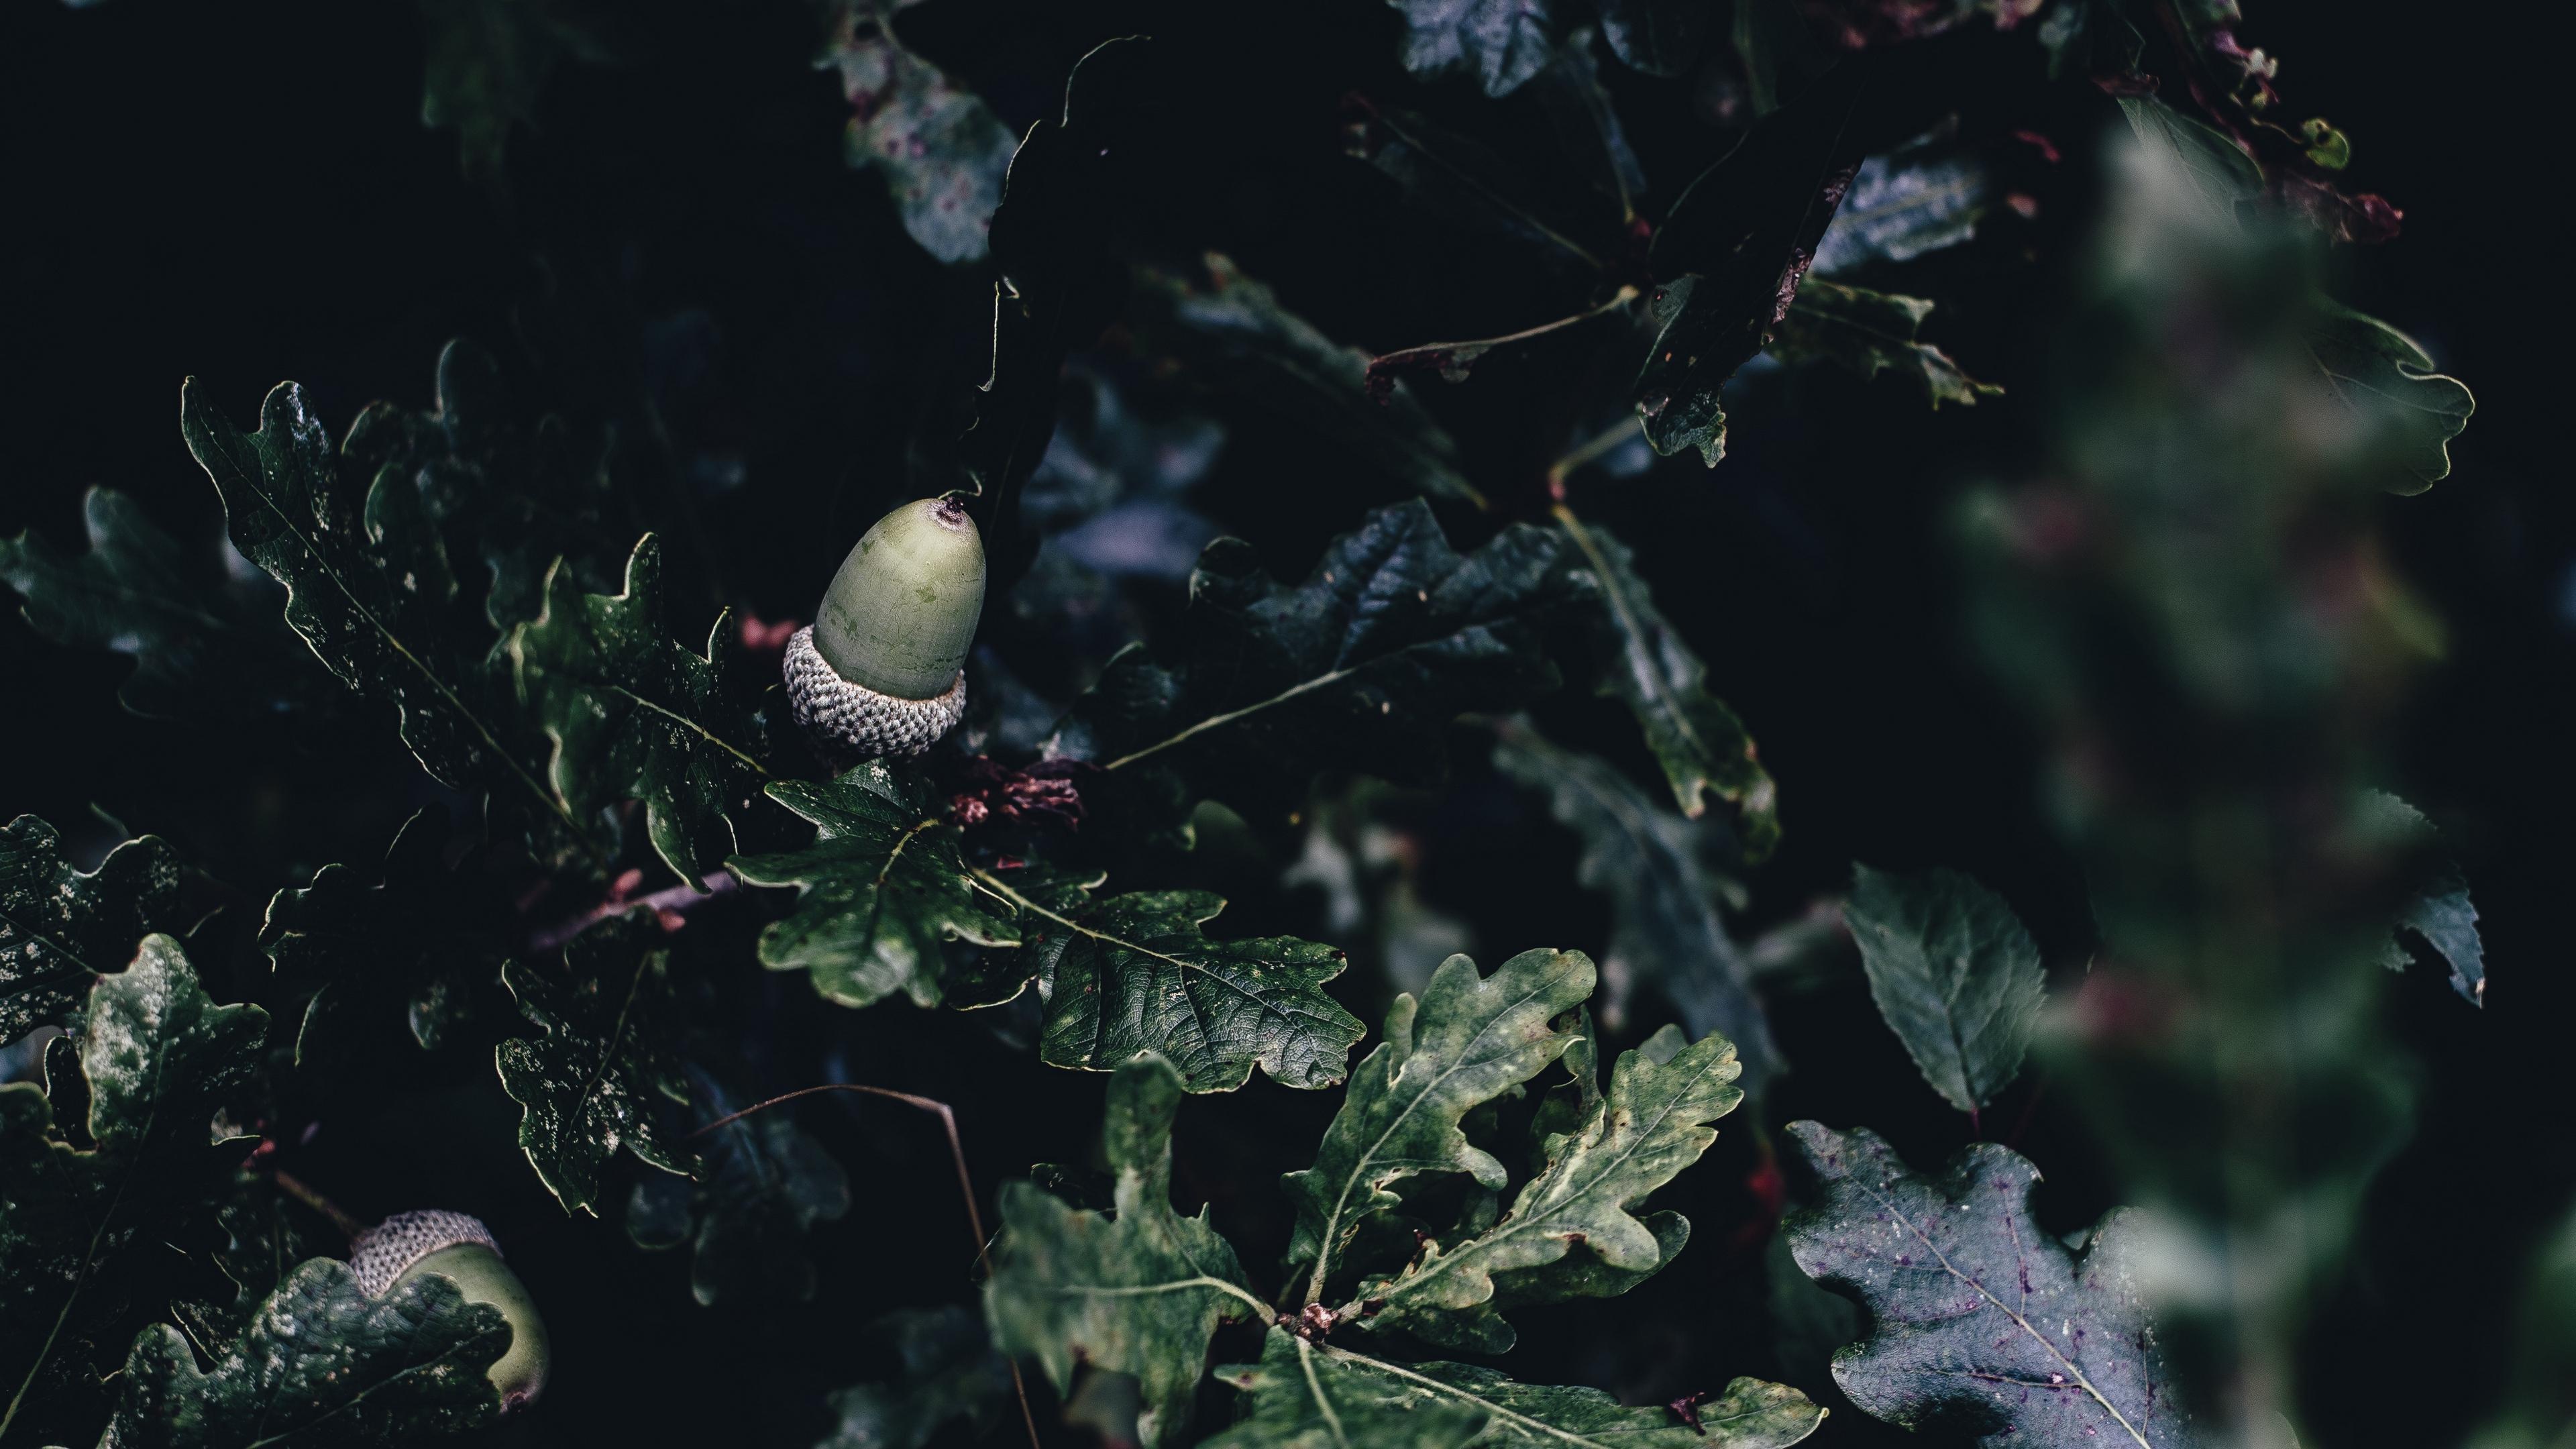 acorn oak branches 4k 1540575340 - acorn, oak, branches 4k - oak, branches, acorn